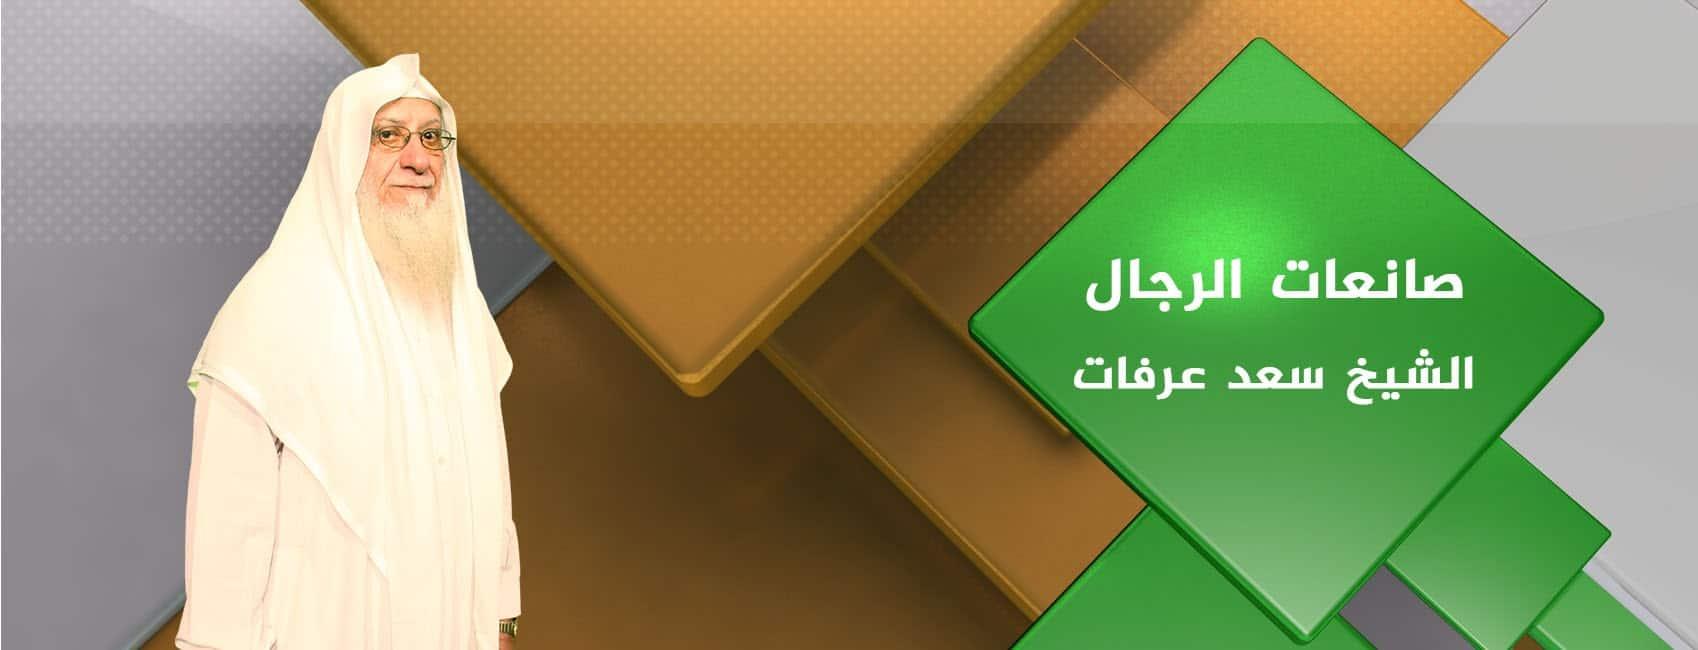 صانعات الرجال الشيخ سعد عرفات